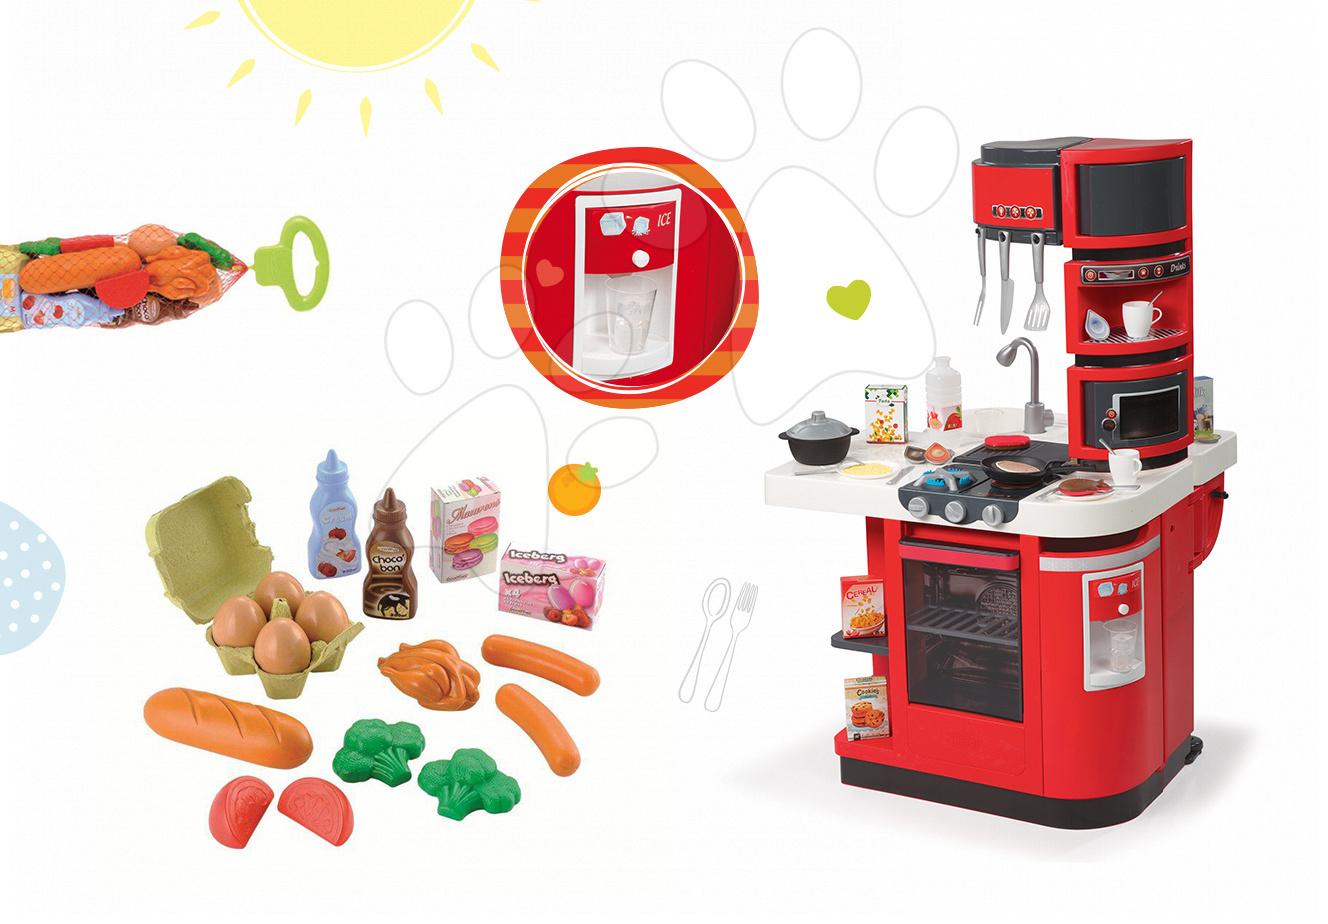 Kuchynky pre deti sety - Set kuchynka CookMaster Smoby so zvukmi a ľadom a potraviny v sieťke Bubble Cook